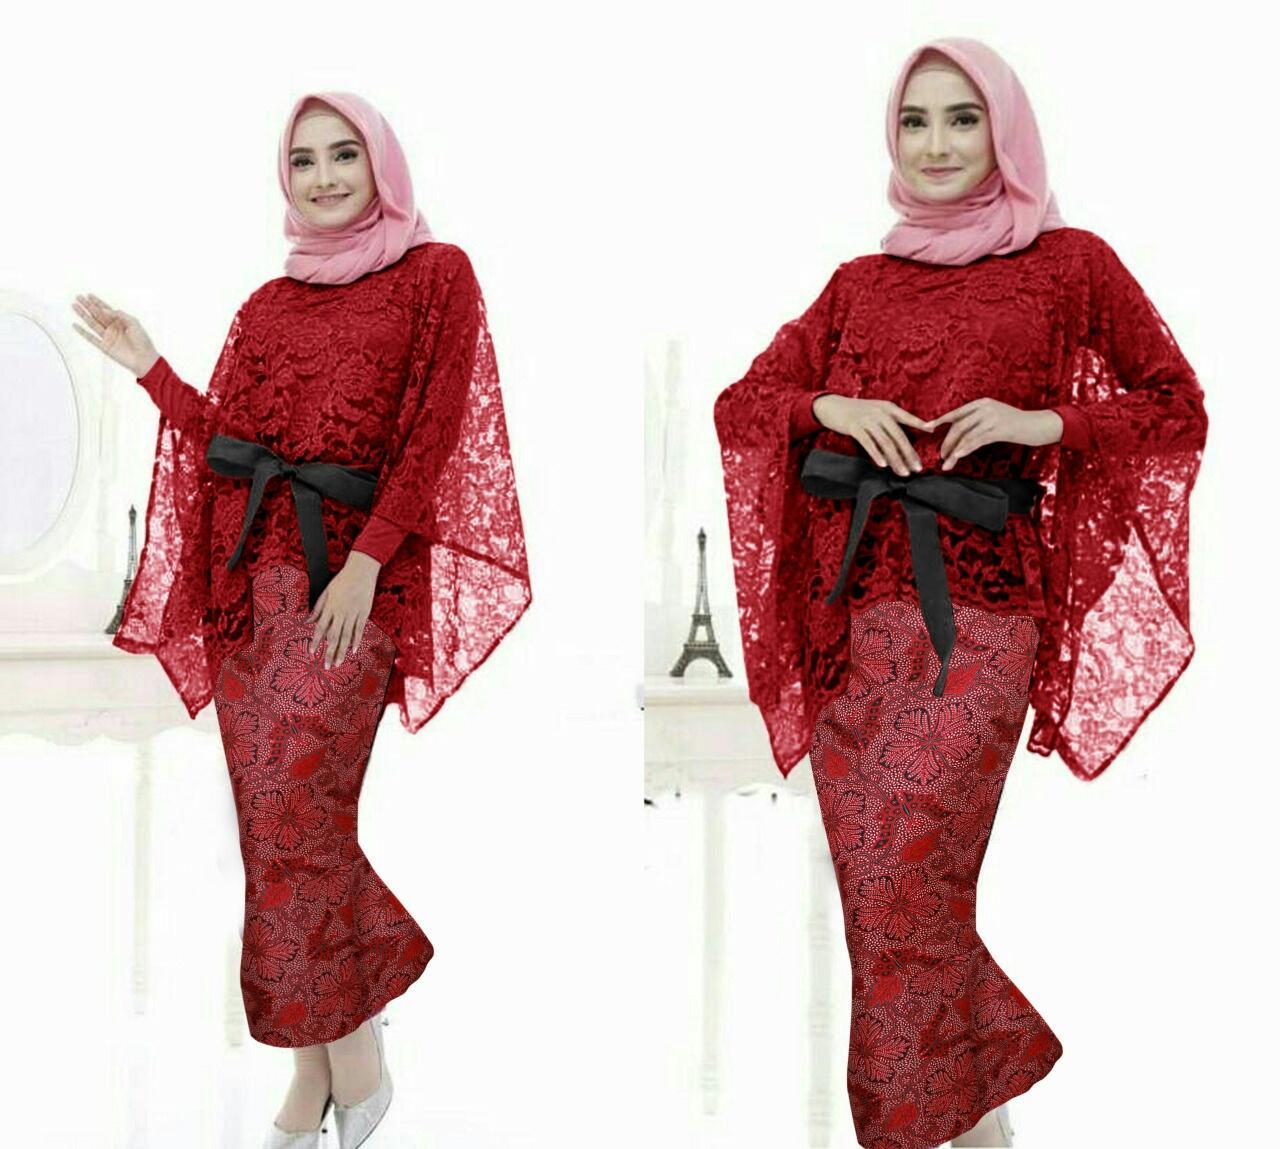 List Harga Hijab Style In Jeans Termurah Web Jual 1 Baju Setelan Jc Kebaya 3in1 Nafa Batik Atasan Brukat Rok Prada